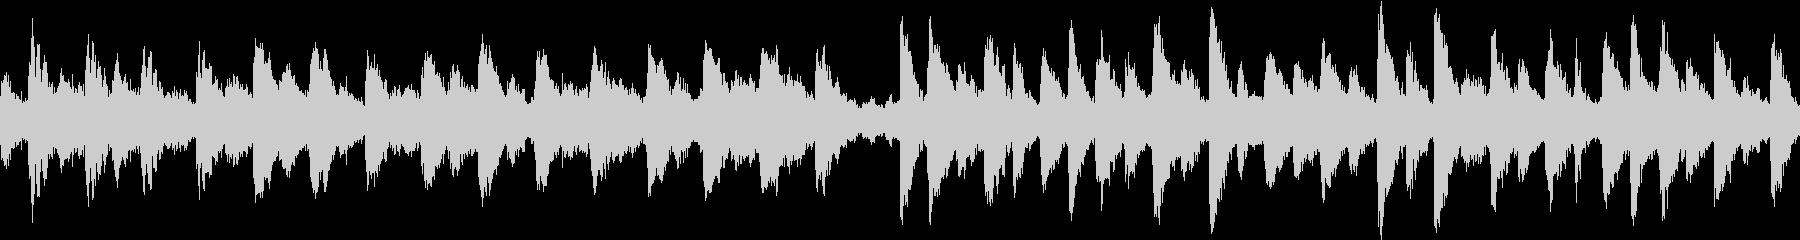 不気味な鐘とレコードノイズのループ用楽曲の未再生の波形